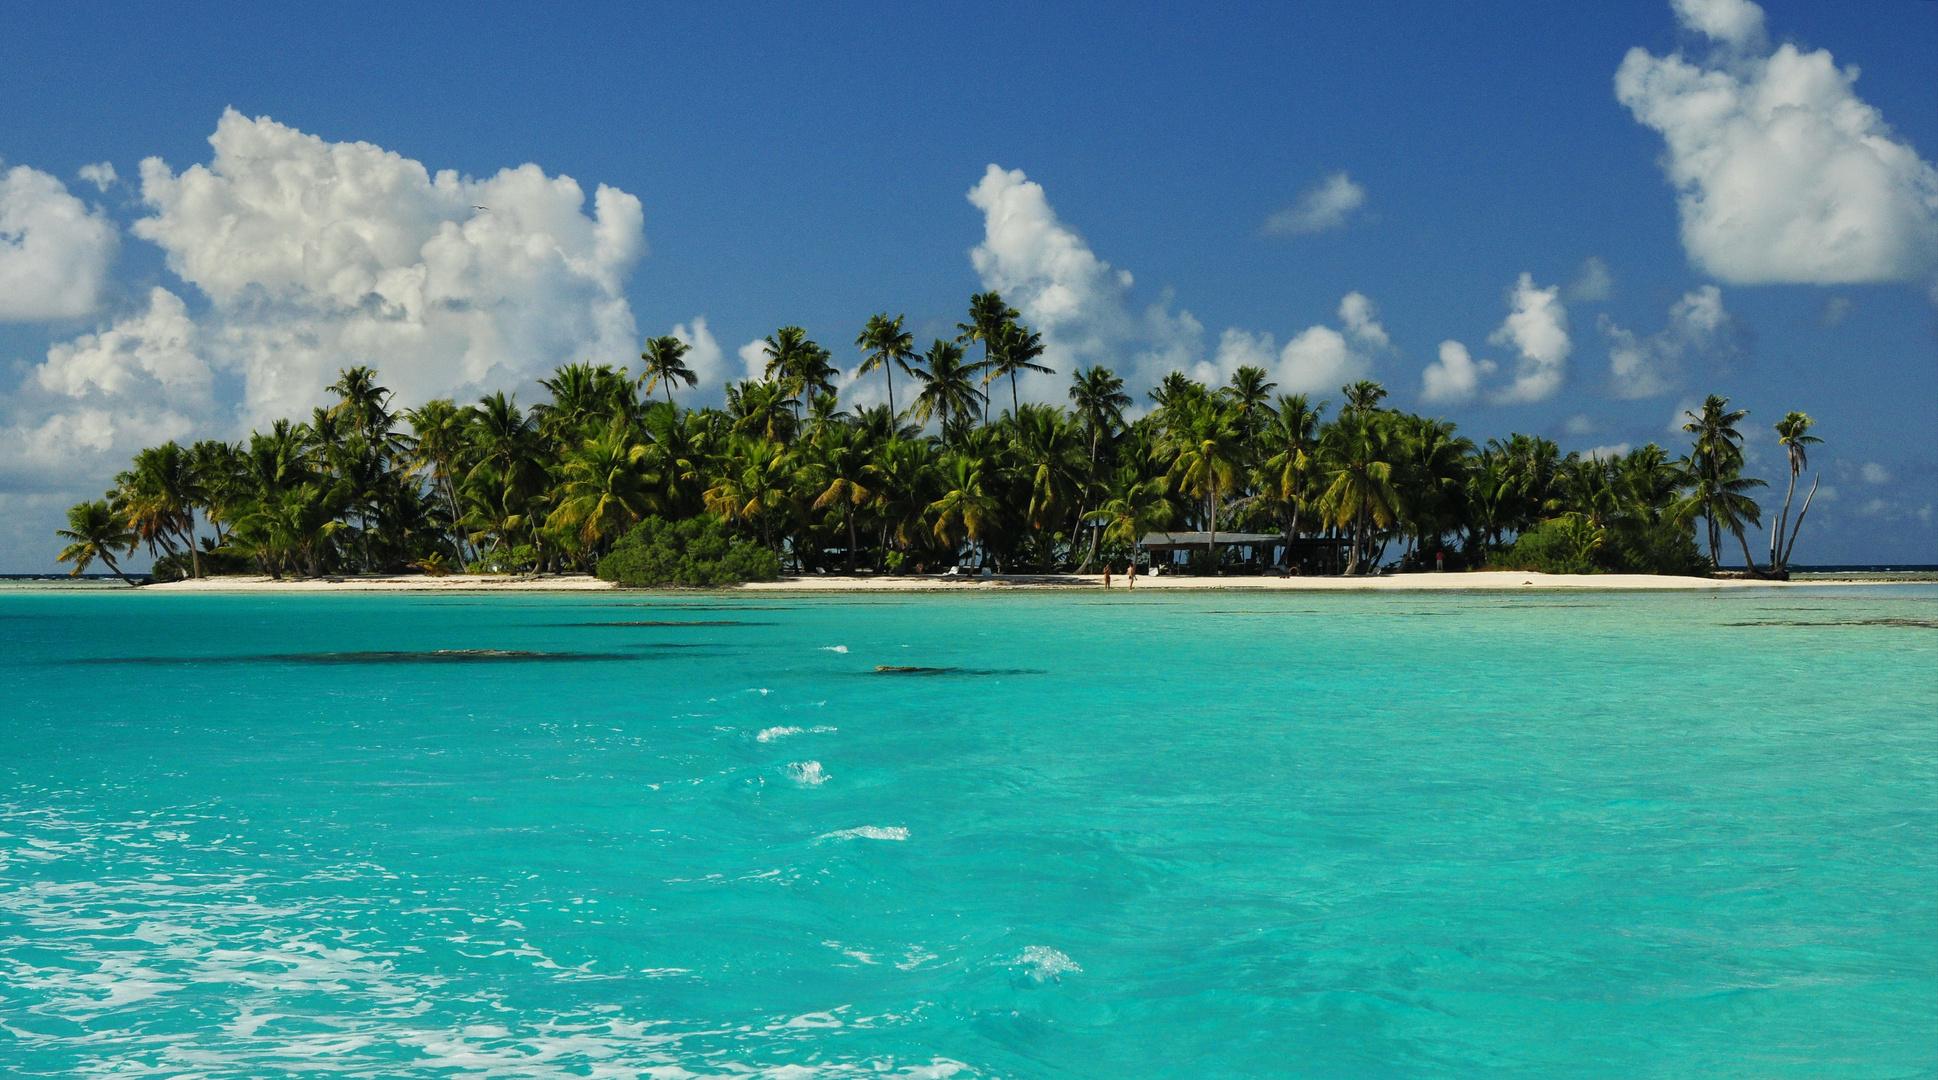 Tuamotu Atoll Rangiroa Tahiti